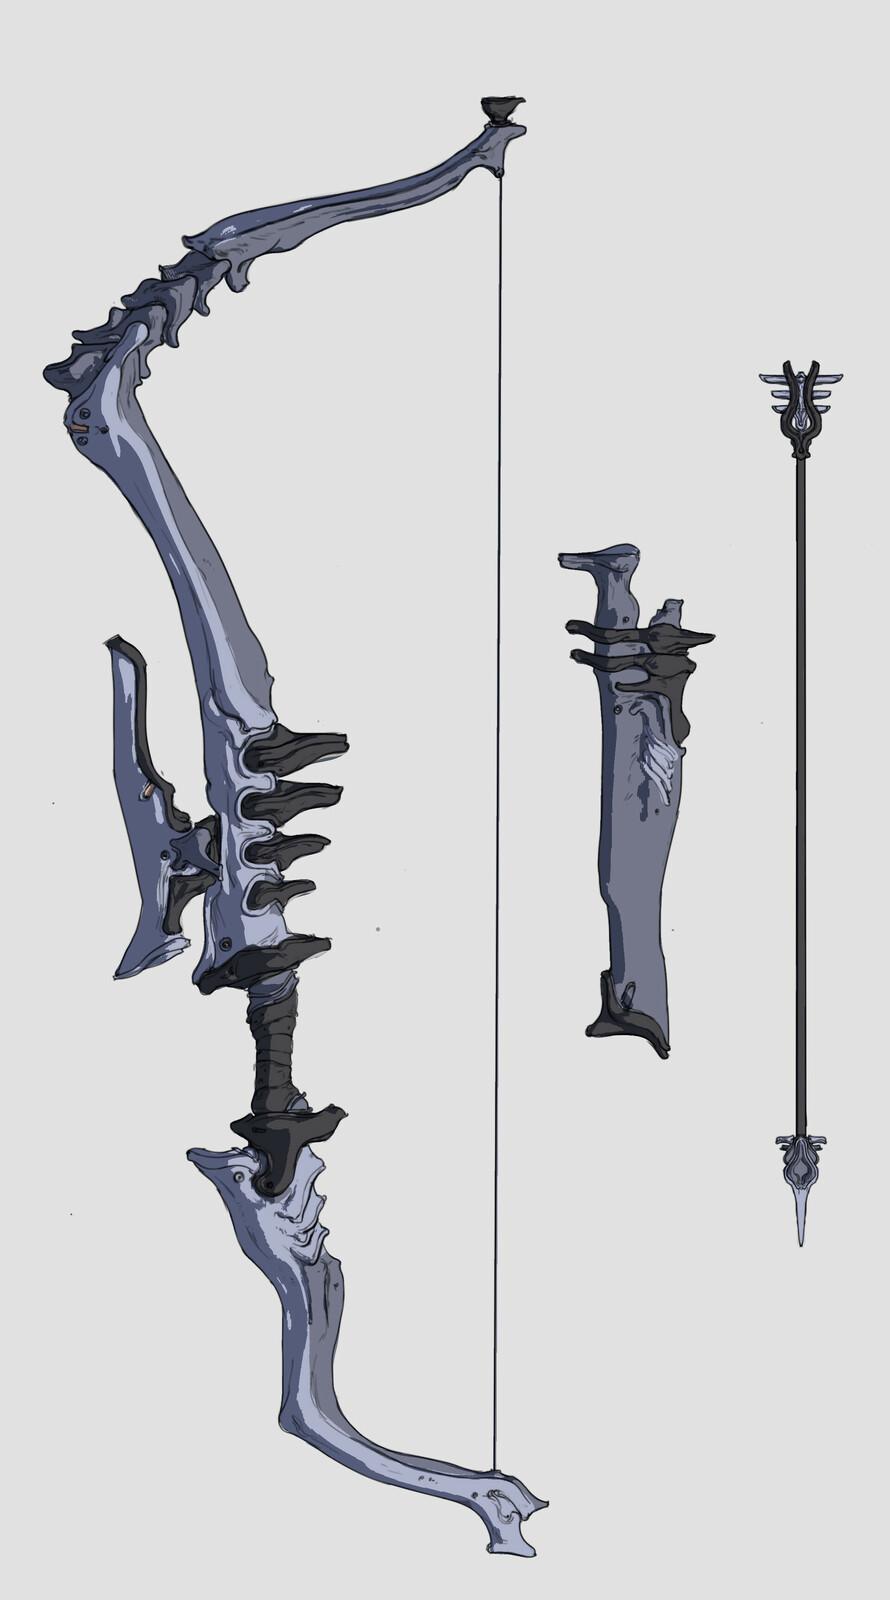 Concept by Arsen Asyrankulov!